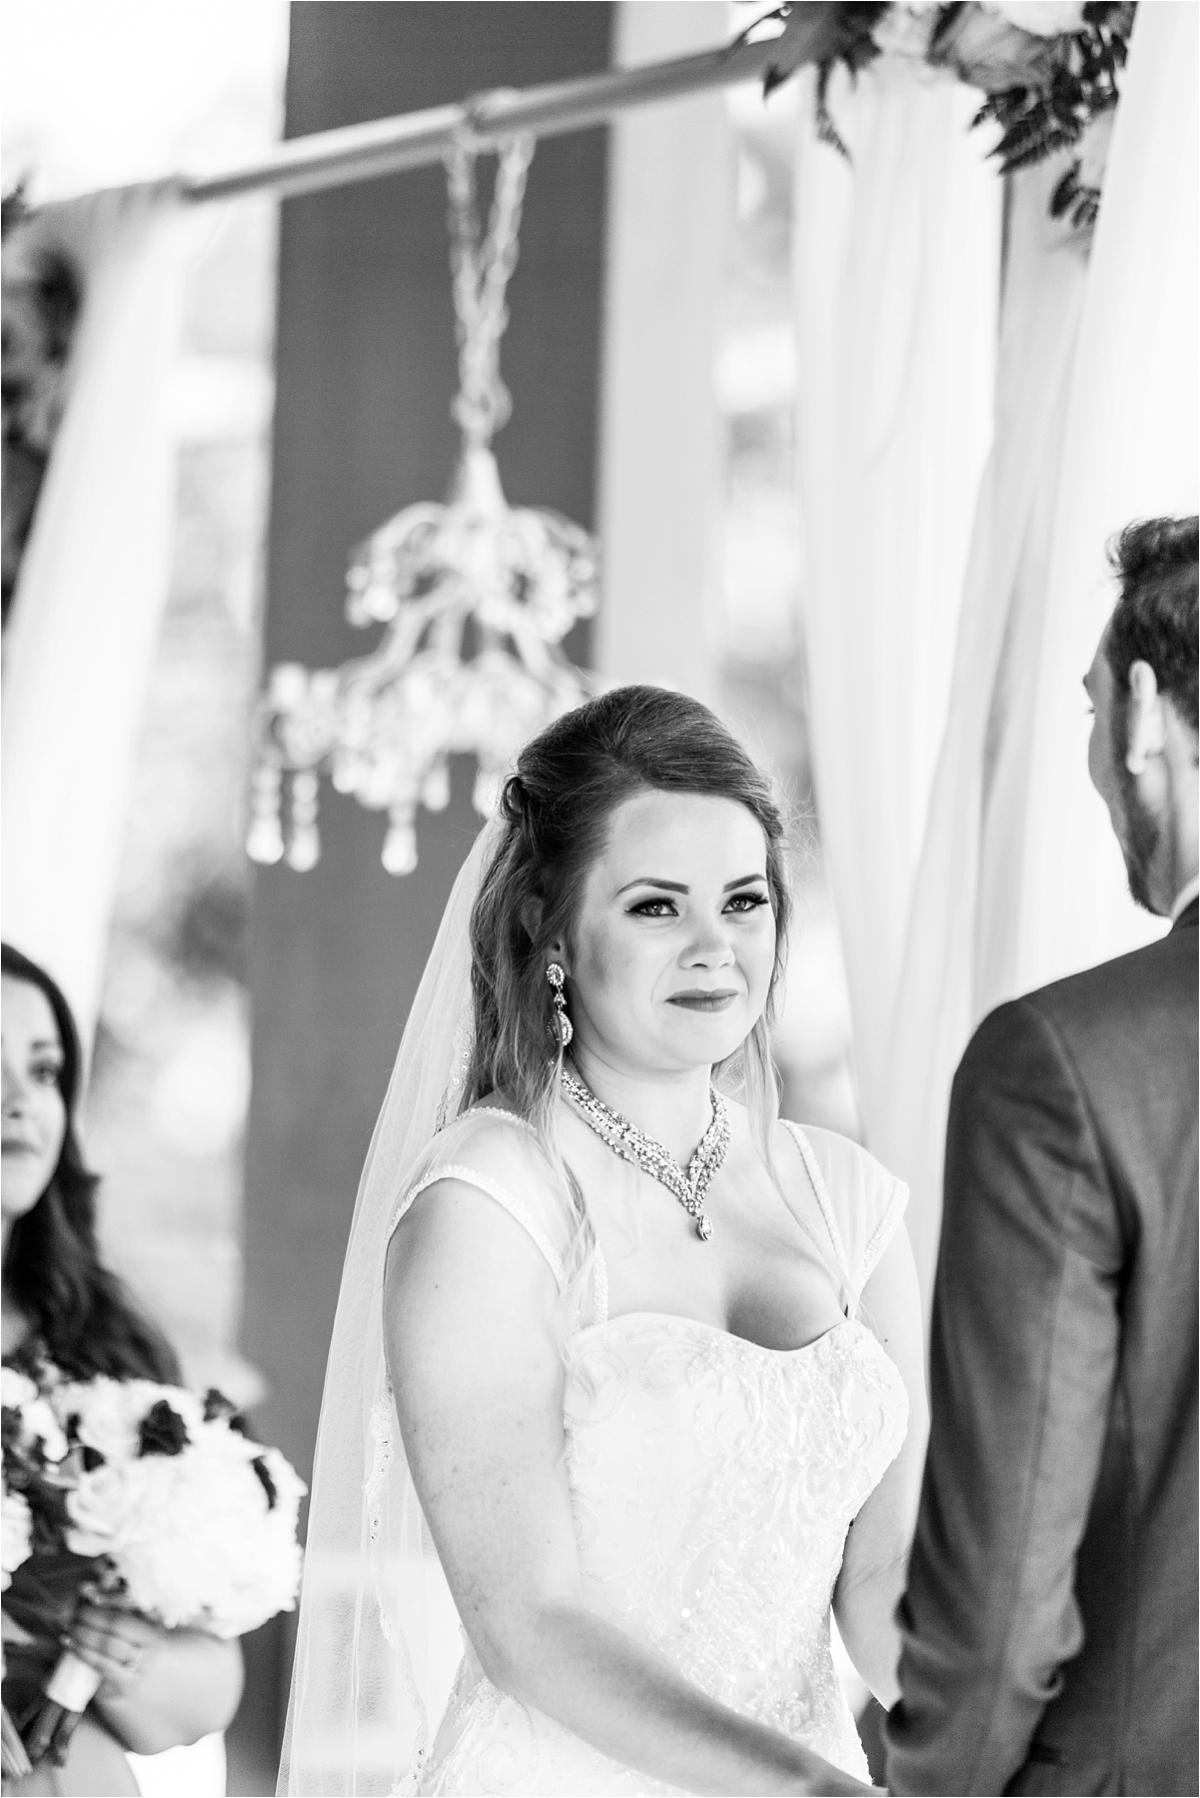 photos-bride-wedding-ceremony-alabama-photographer